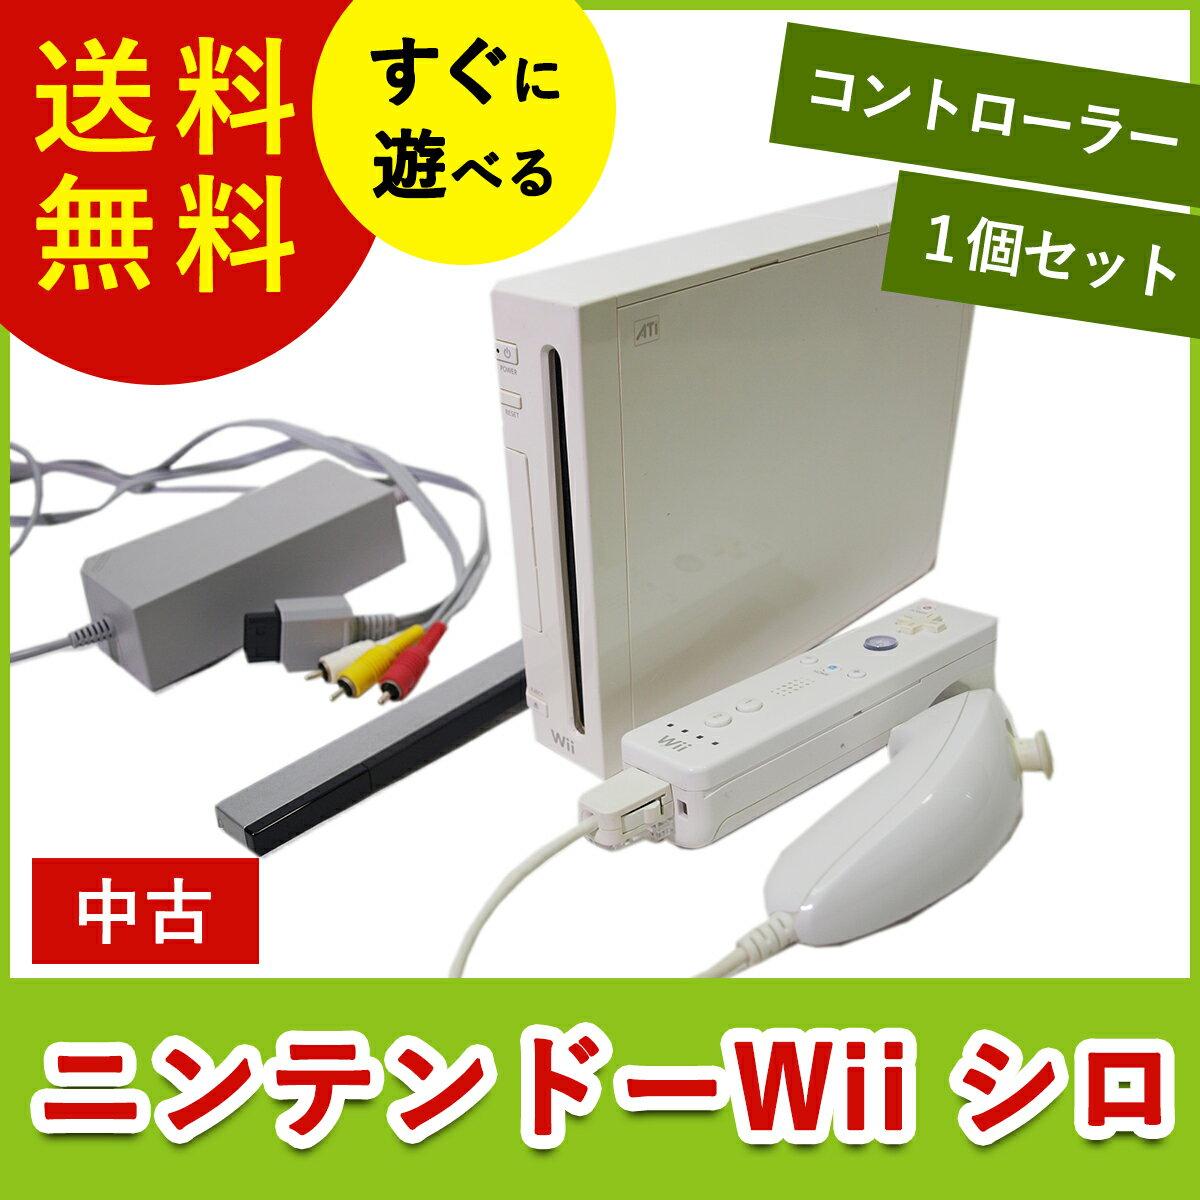 Wii ウィー ニンテンドーWii 本体 中古 シロ すぐに遊べるセット Nintendo 任天堂 ニンテンドー 4902370516227 送料無料 【中古】